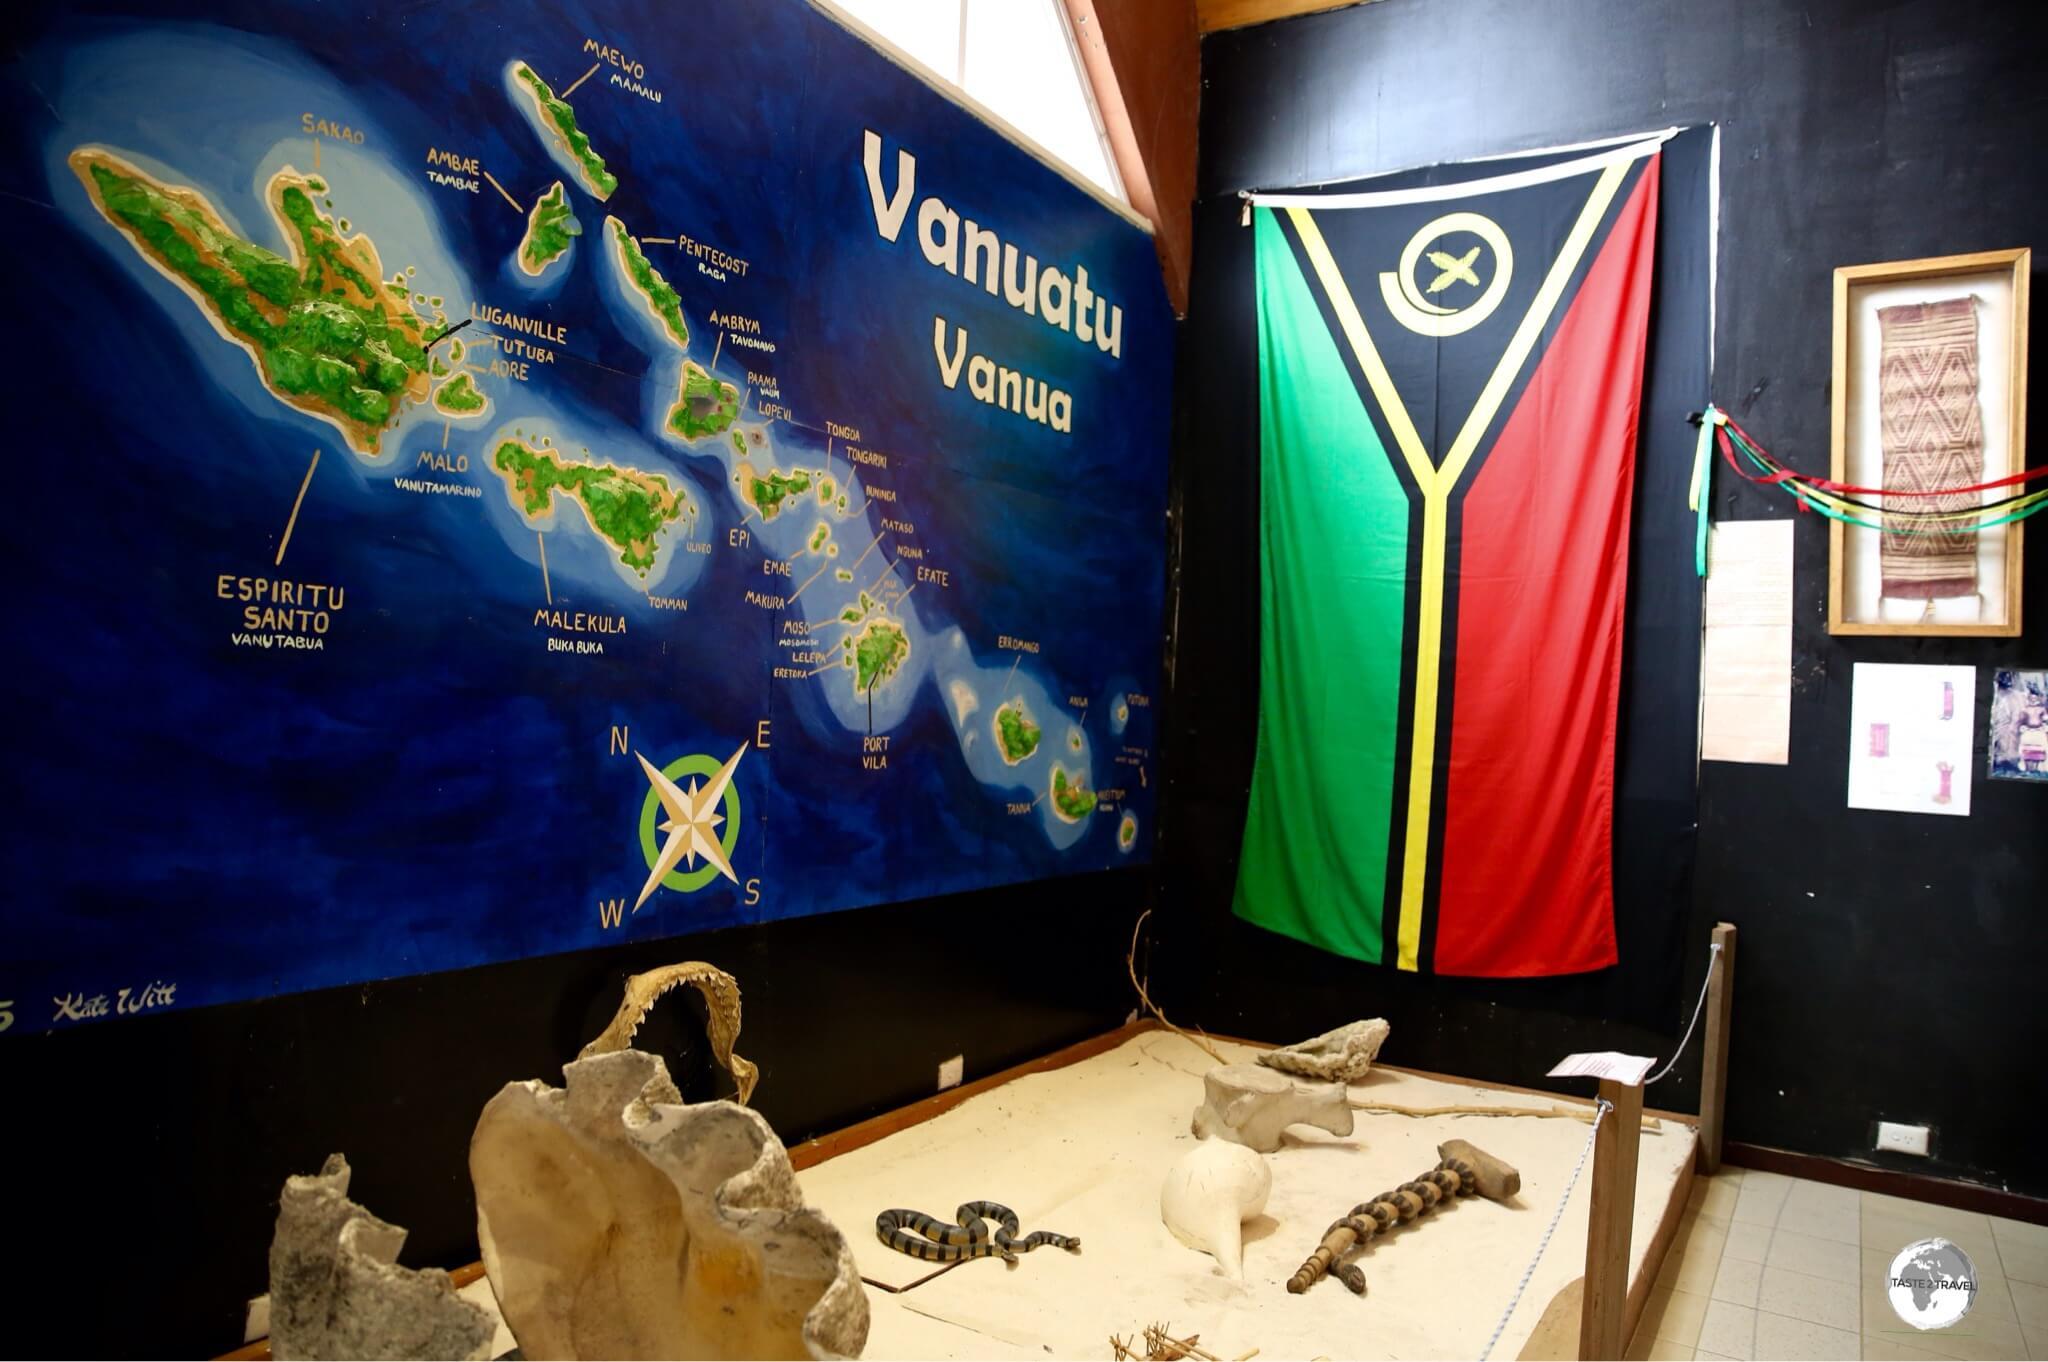 A display at the Vanuatu National Museum in Port Vila.